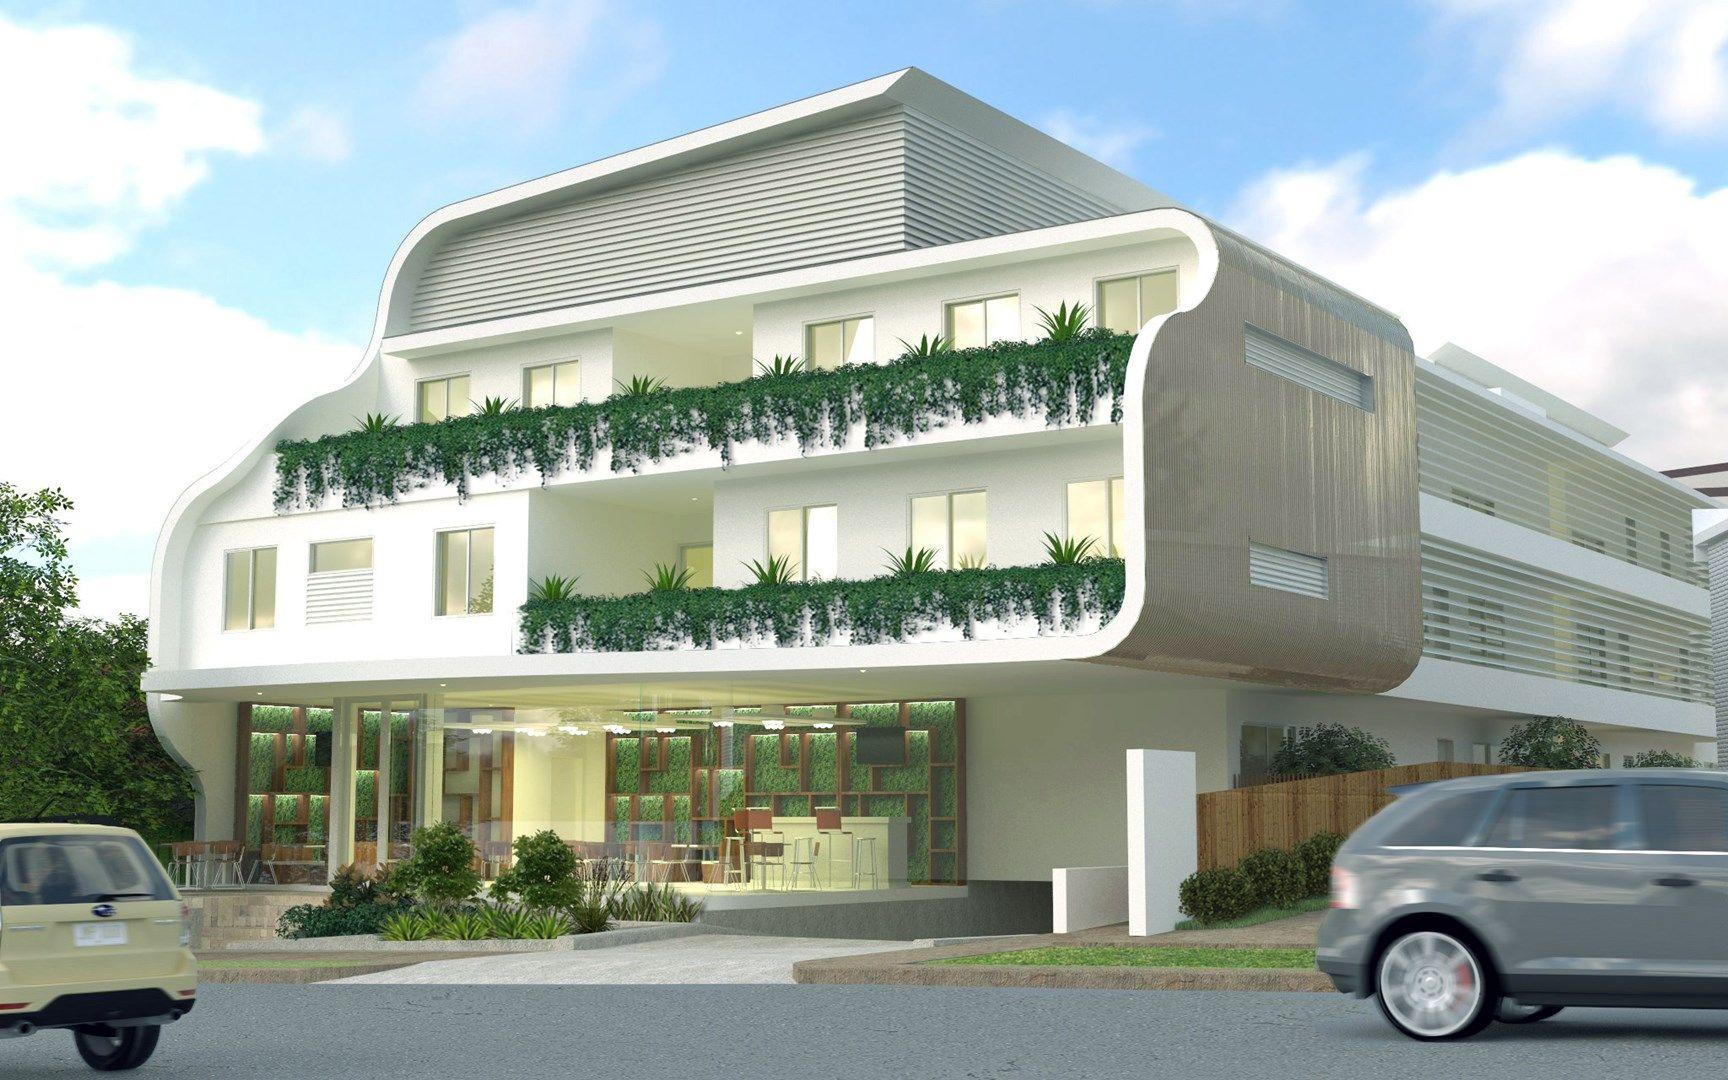 11/54 Charles Street, Warners Bay NSW 2282, Image 0